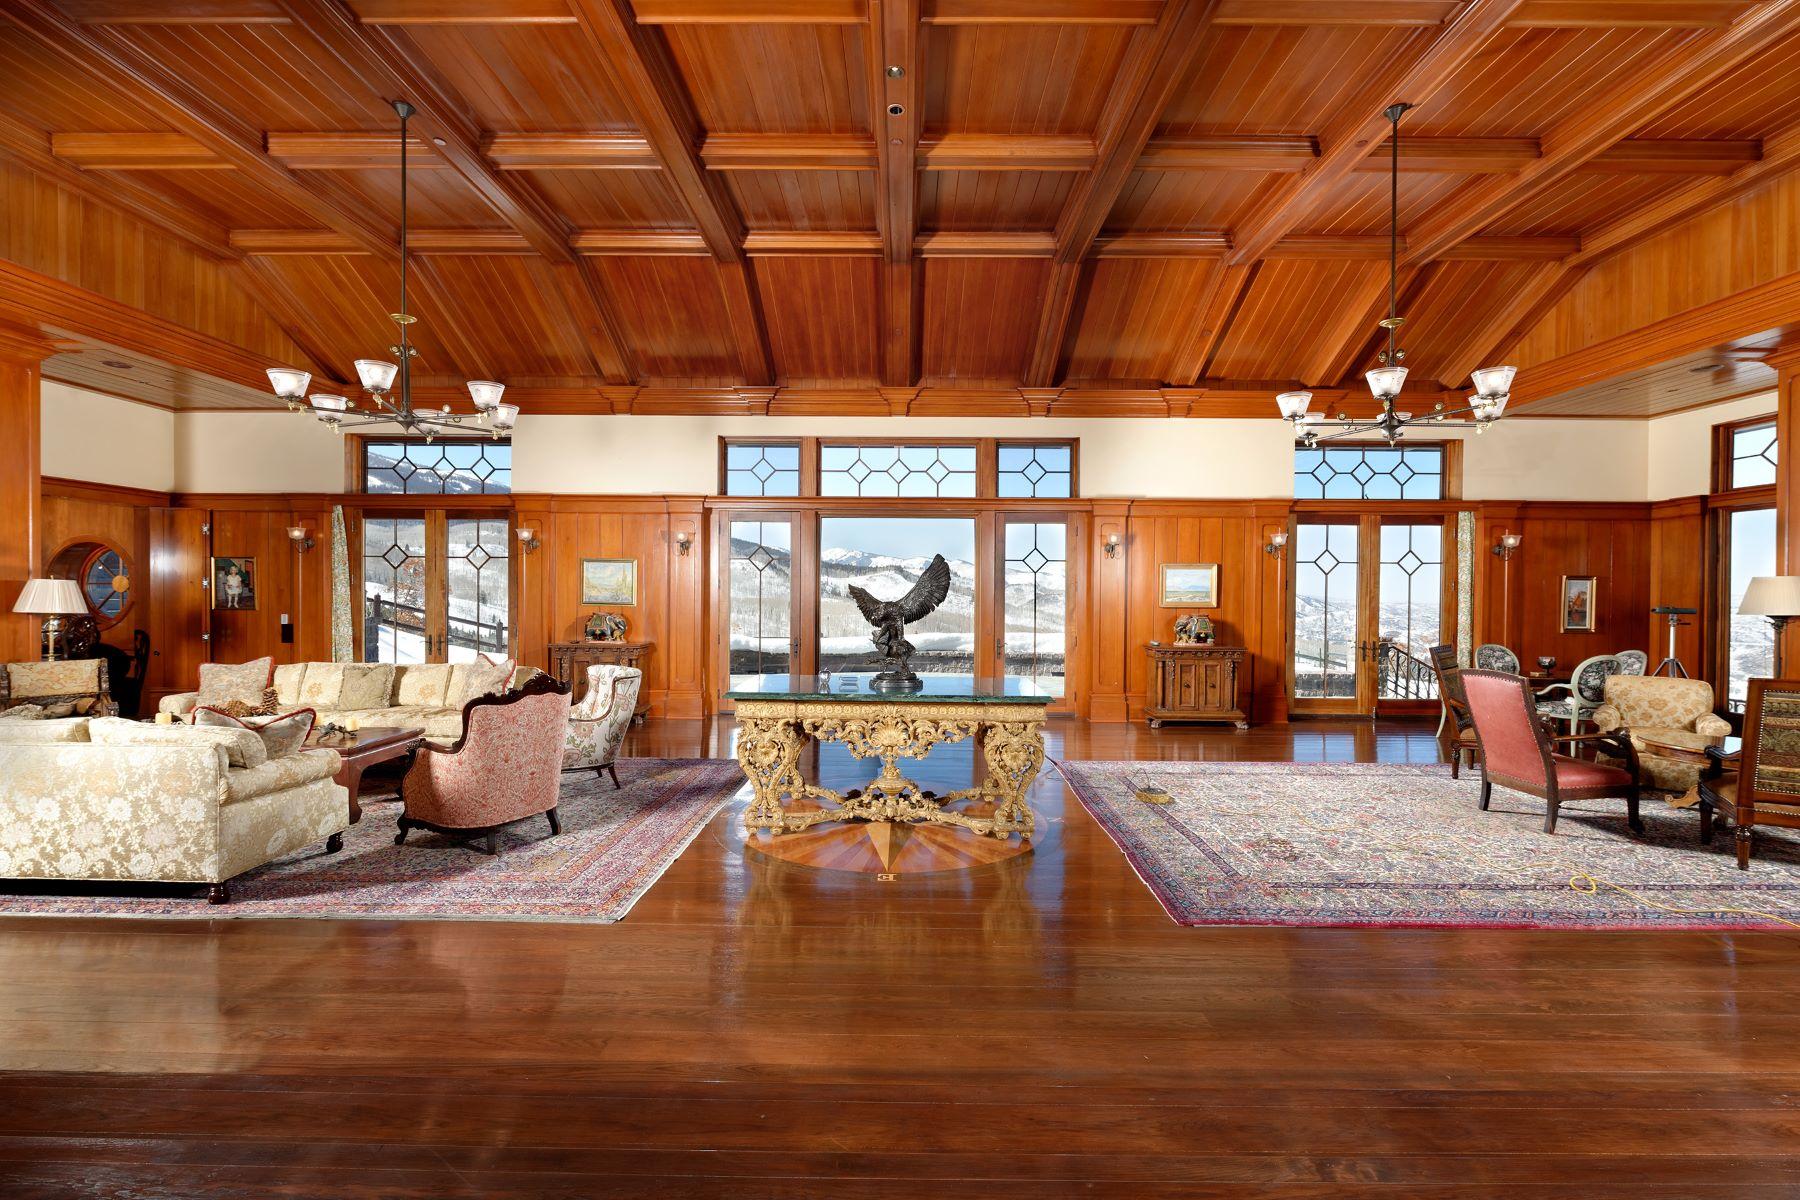 Частный односемейный дом для того Продажа на Owl Mountain Ranch 2900 West Buttermilk Road West Aspen, Aspen, Колорадо, 81611 Соединенные Штаты